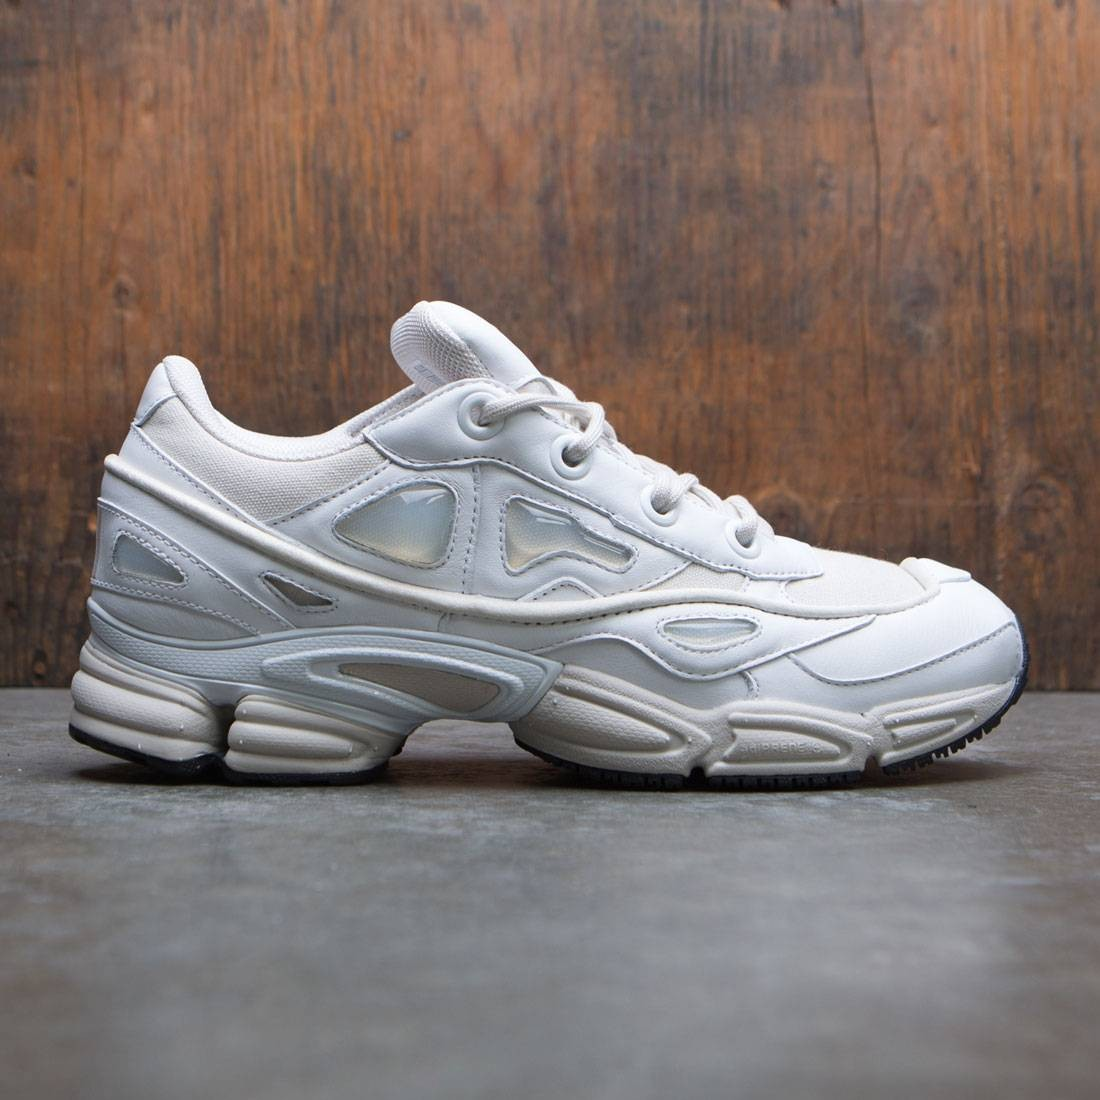 【海外限定】アディダス 靴 スニーカー 【 ADIDAS X RAF SIMONS MEN OZWEEGO III WHITE TALCS FOOTWEAR 】